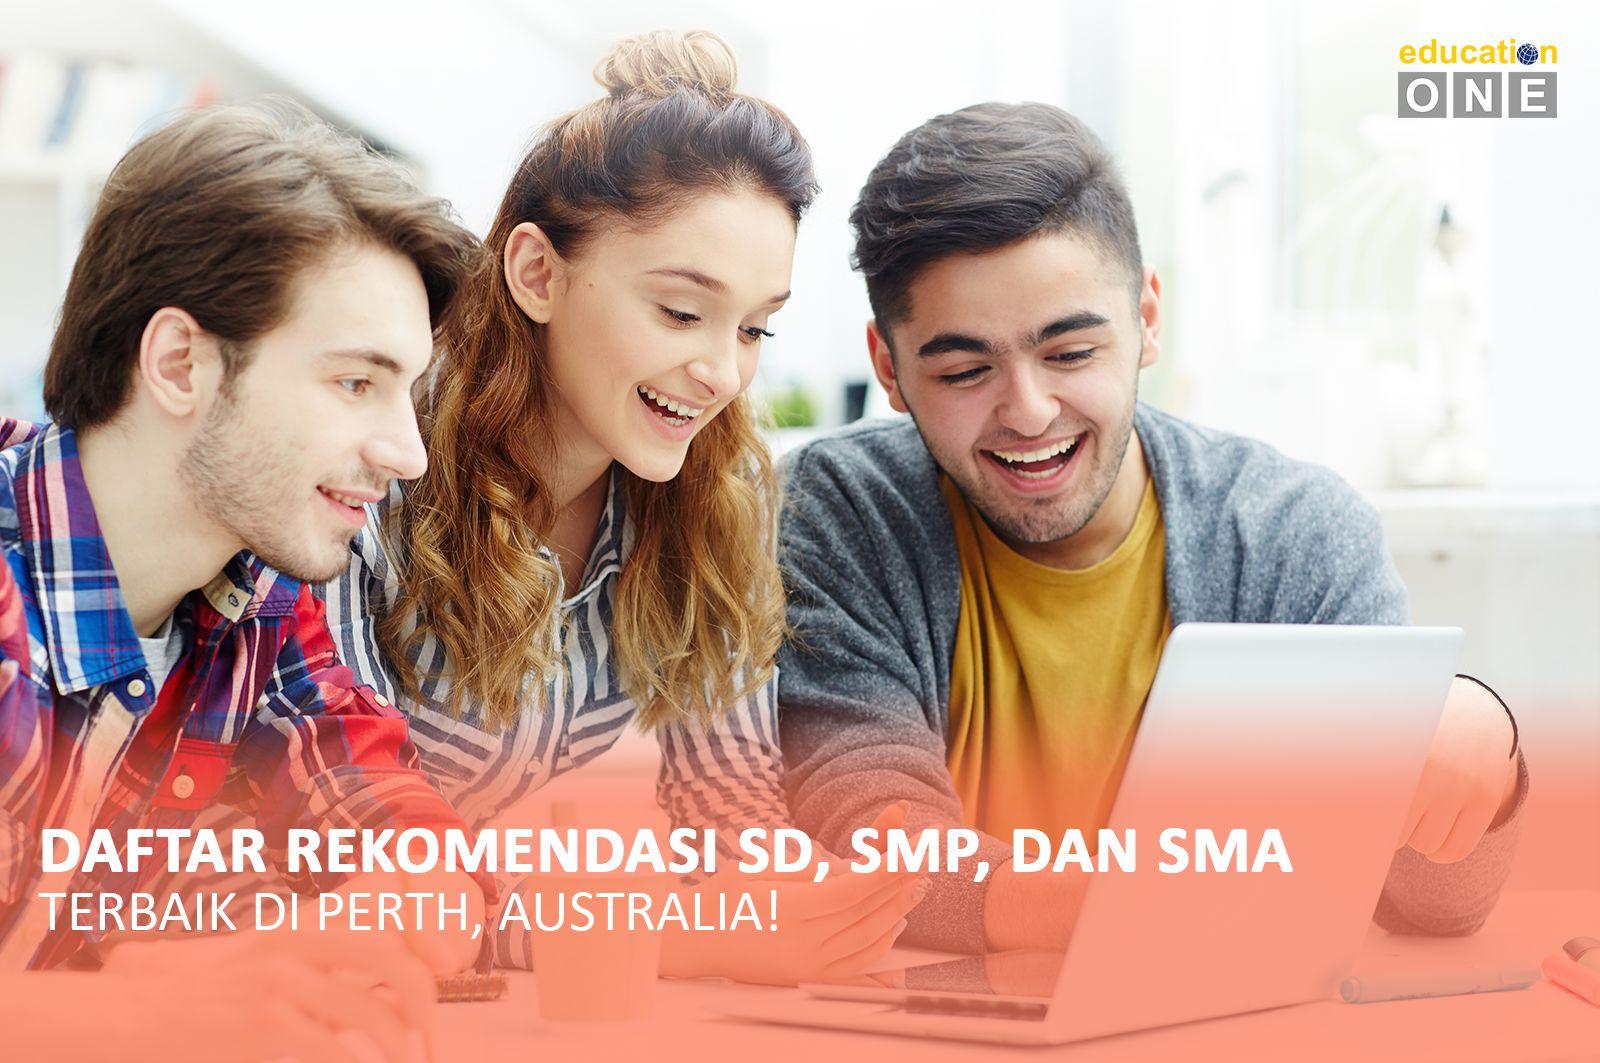 Daftar Rekomendasi SD, SMP, dan SMA Terbaik di Perth, Australia